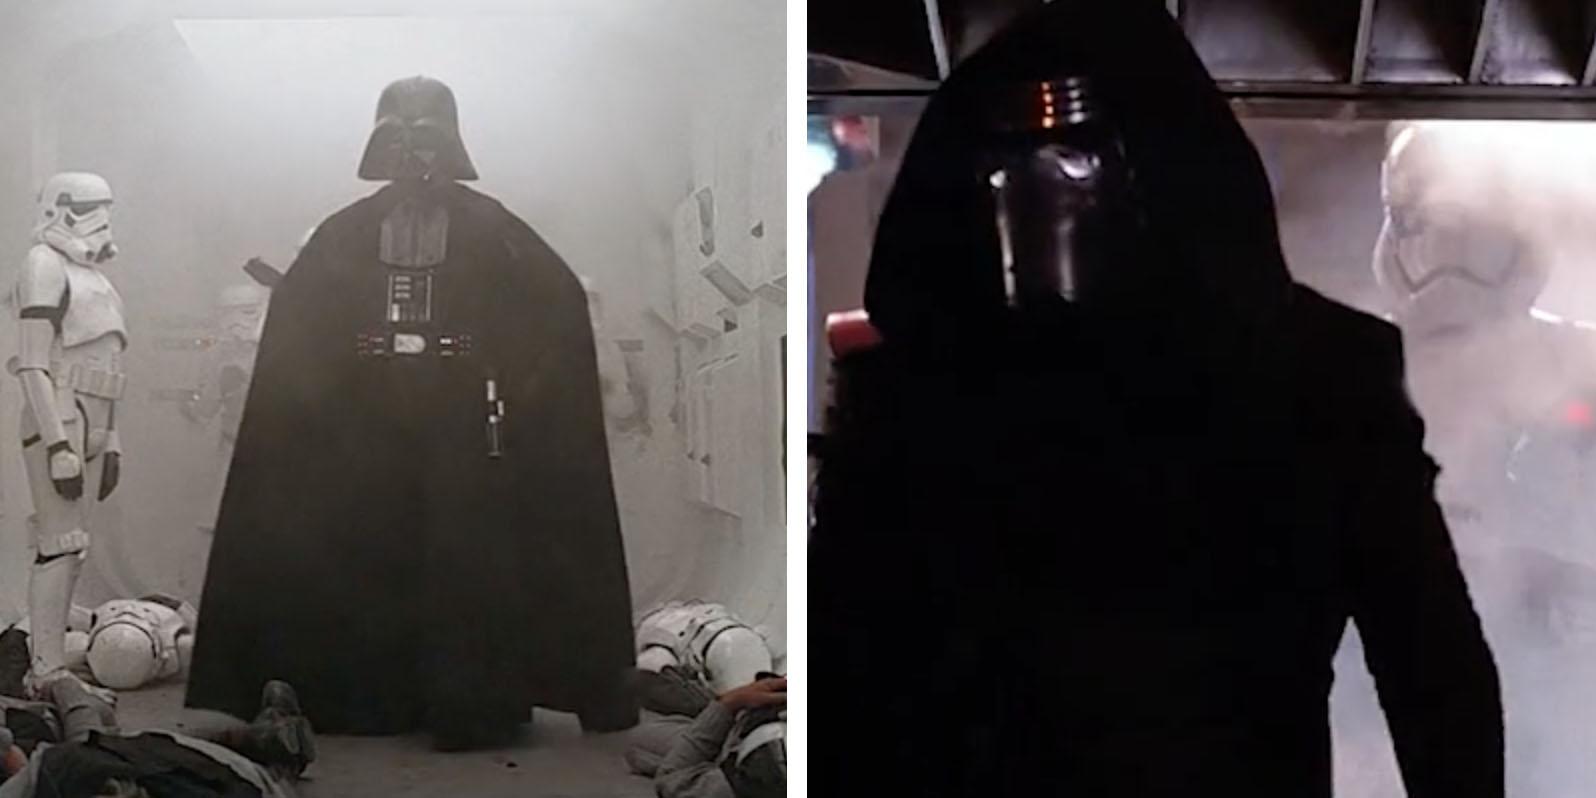 Star Wars Episodio VII: omaggio o copia di Episodio IV?